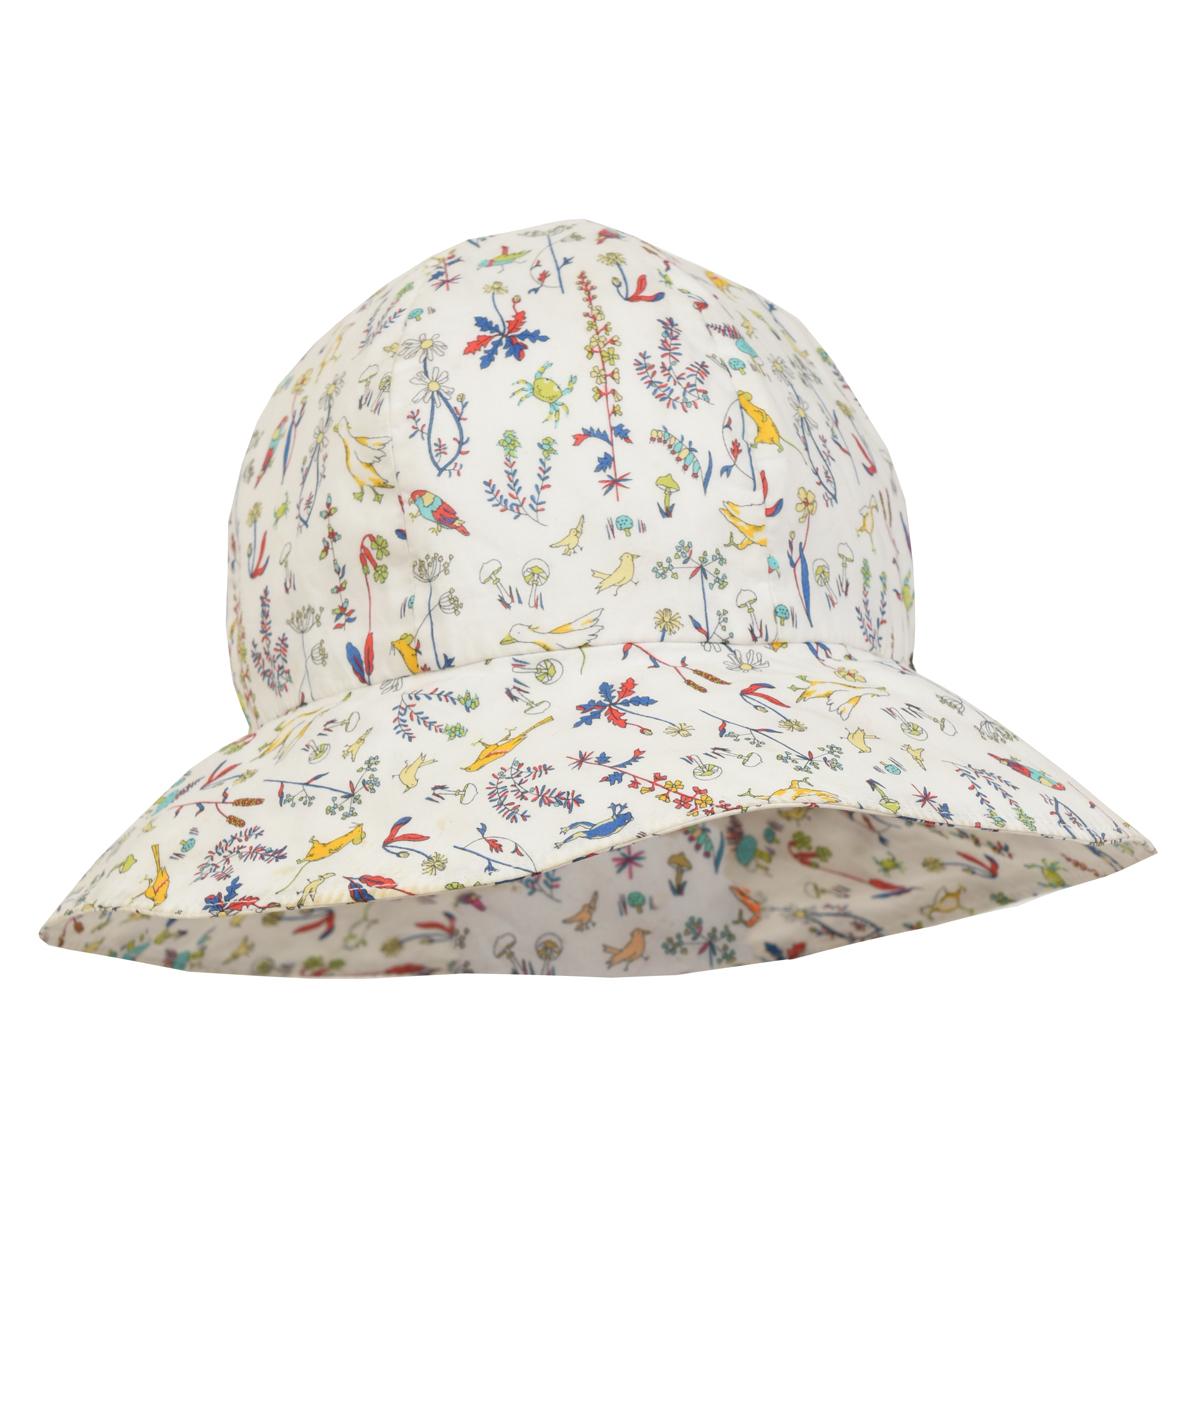 0ca203bd7a69 Liberty print Sun hat